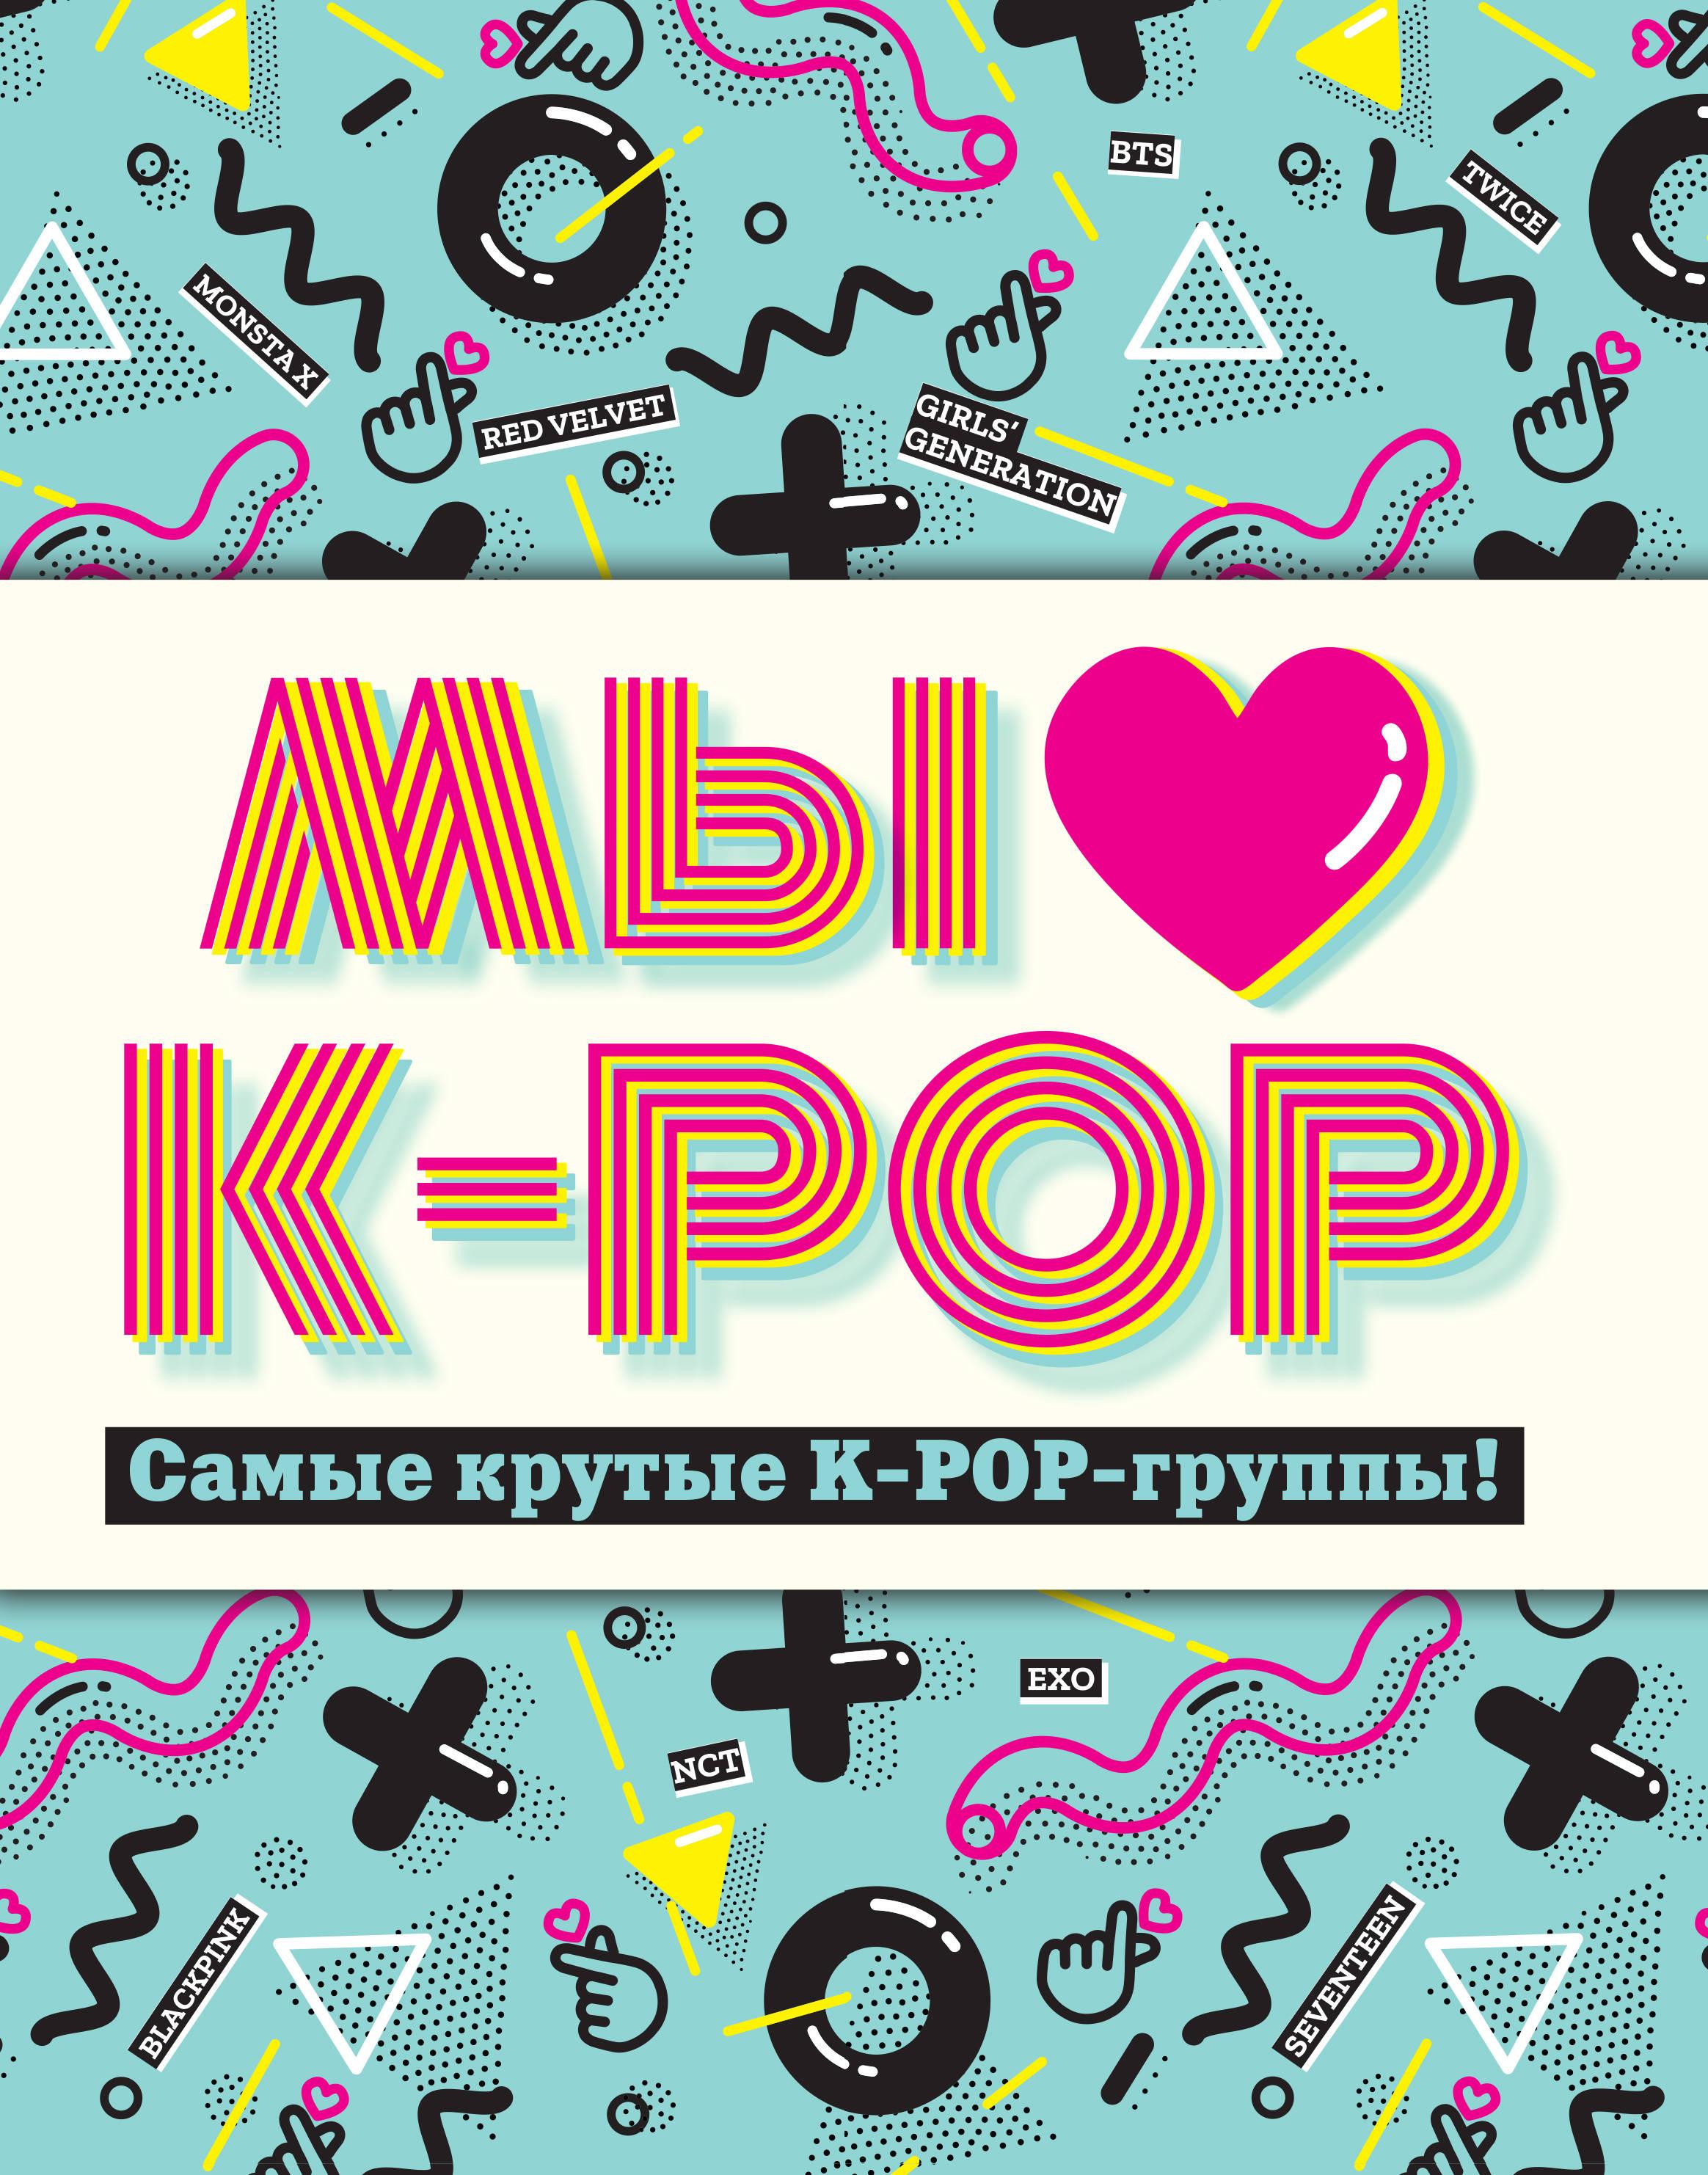 My ljubim K-POP: Samye krutye K-POP-gruppy! Neofitsialnyj fanbuk